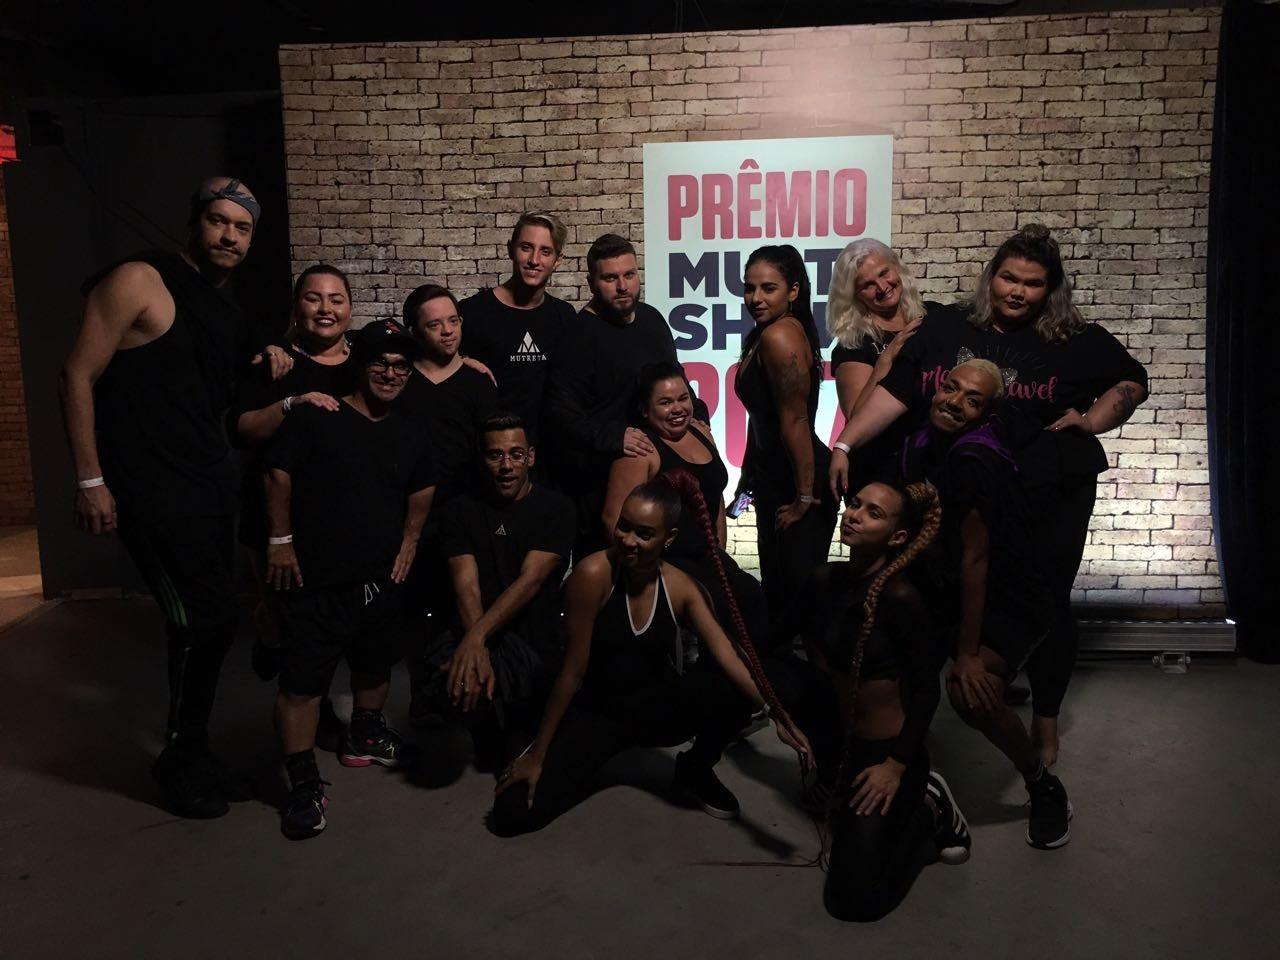 Novo time de bailarinos da Anitta causou nos bastidores do Prmio Multishow (Foto: Divulgao/Multishow)